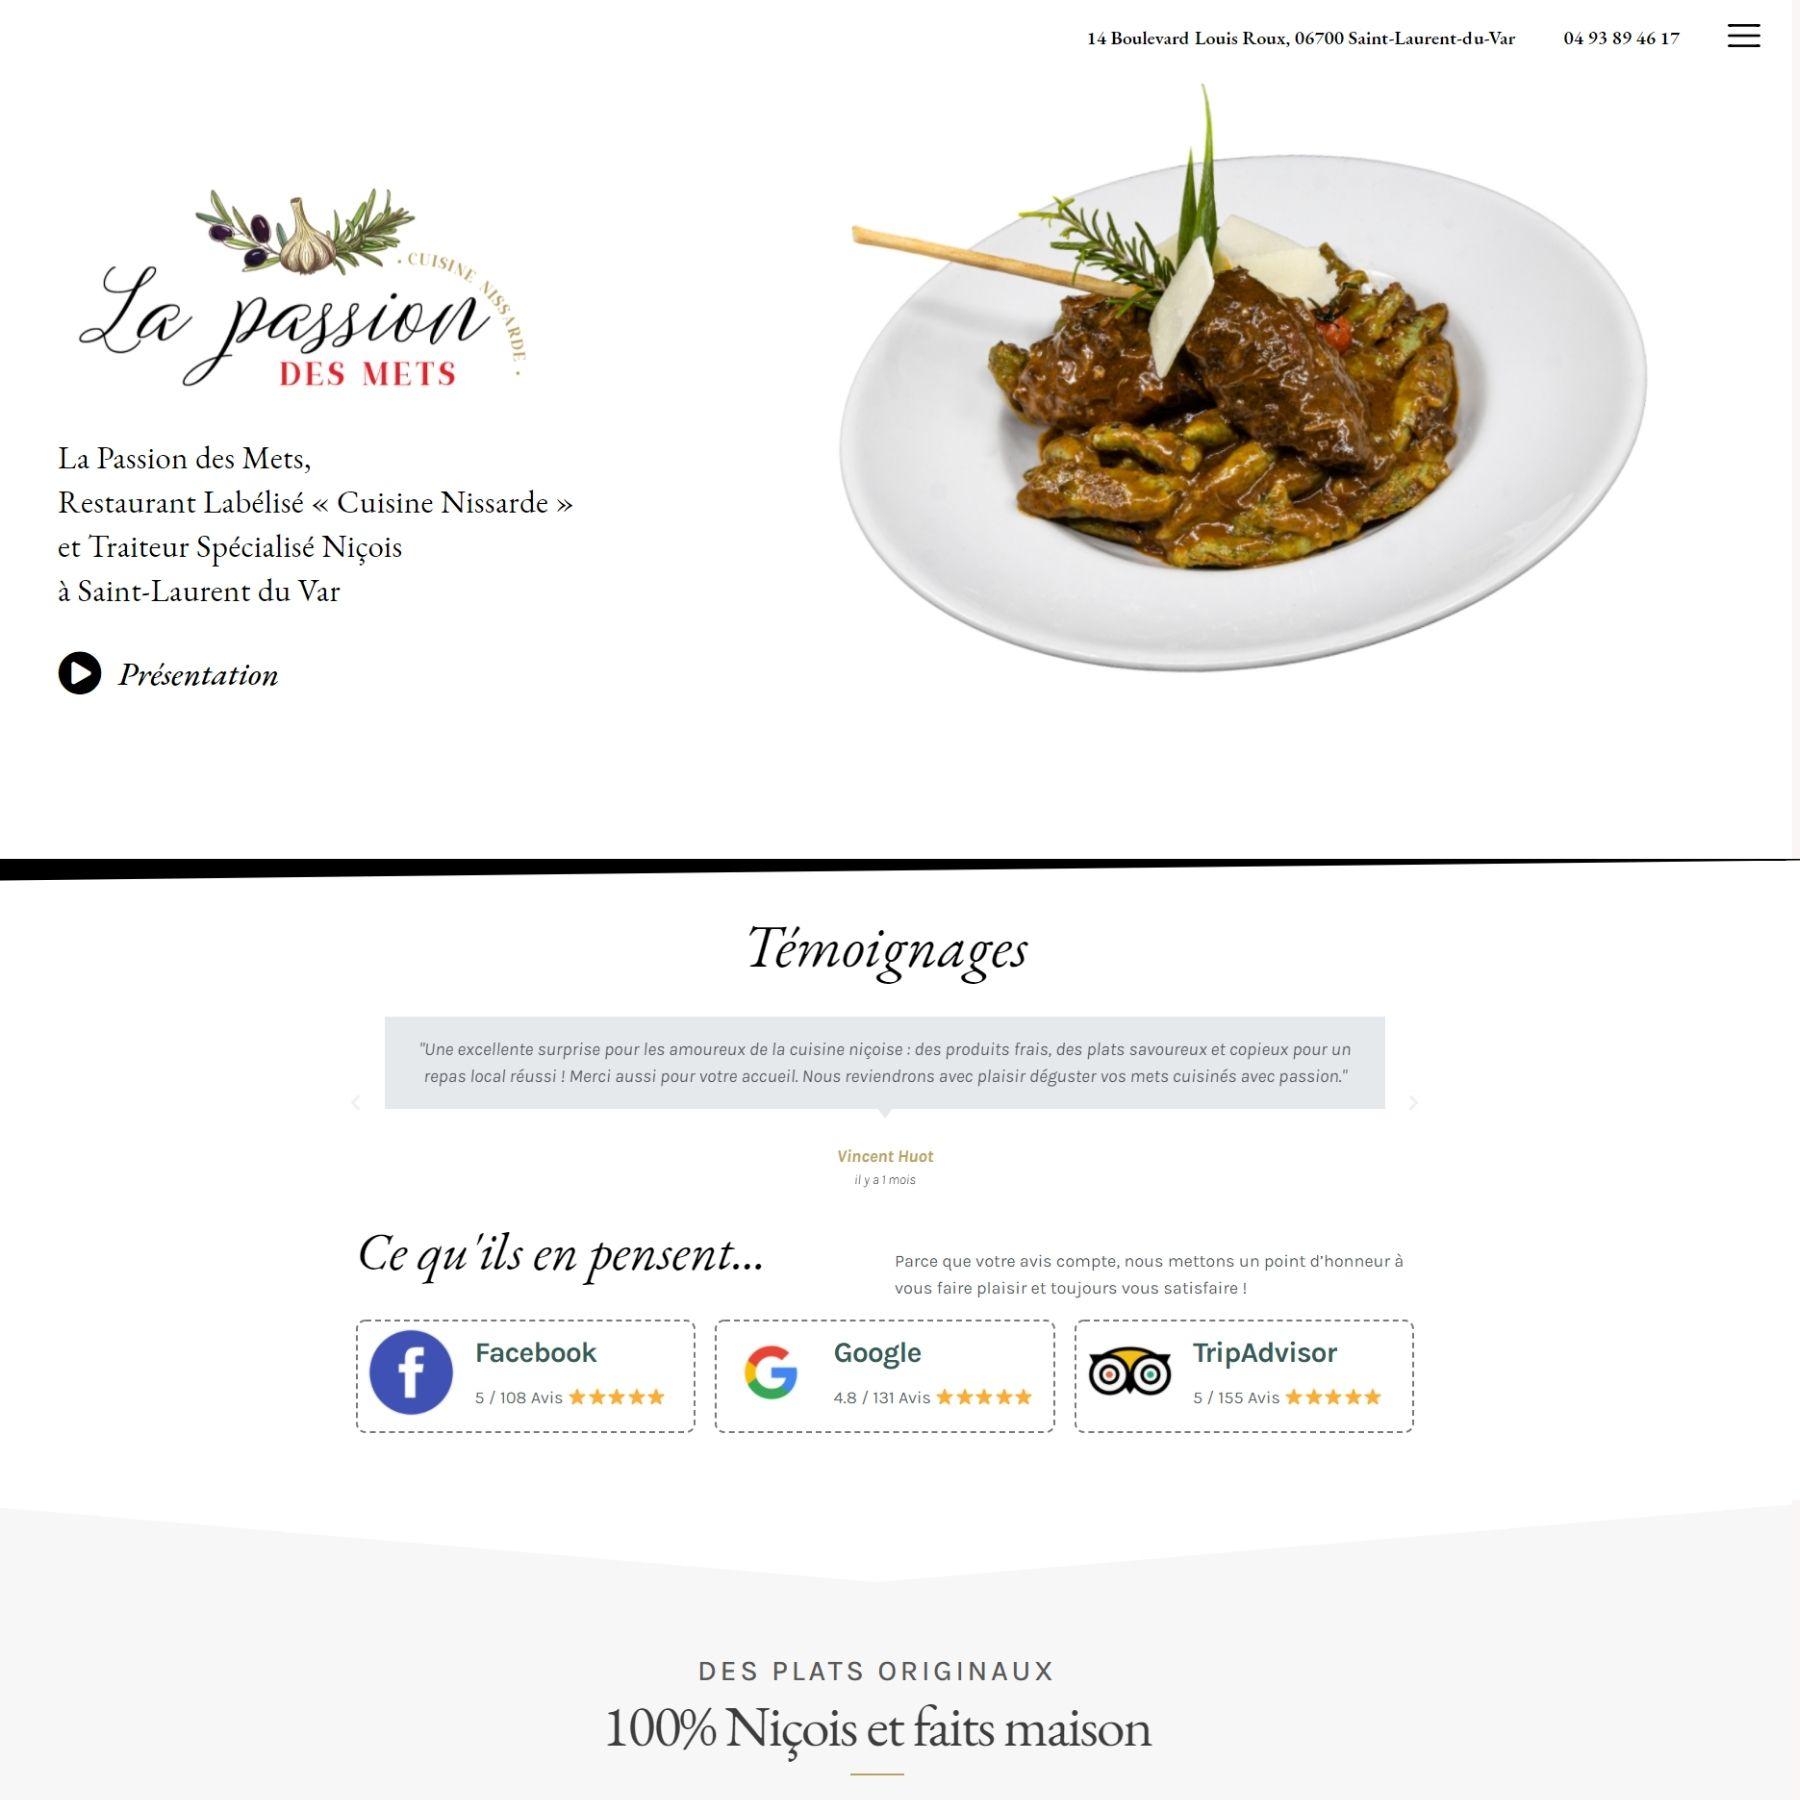 création site internet - screenshot - la passion des mets